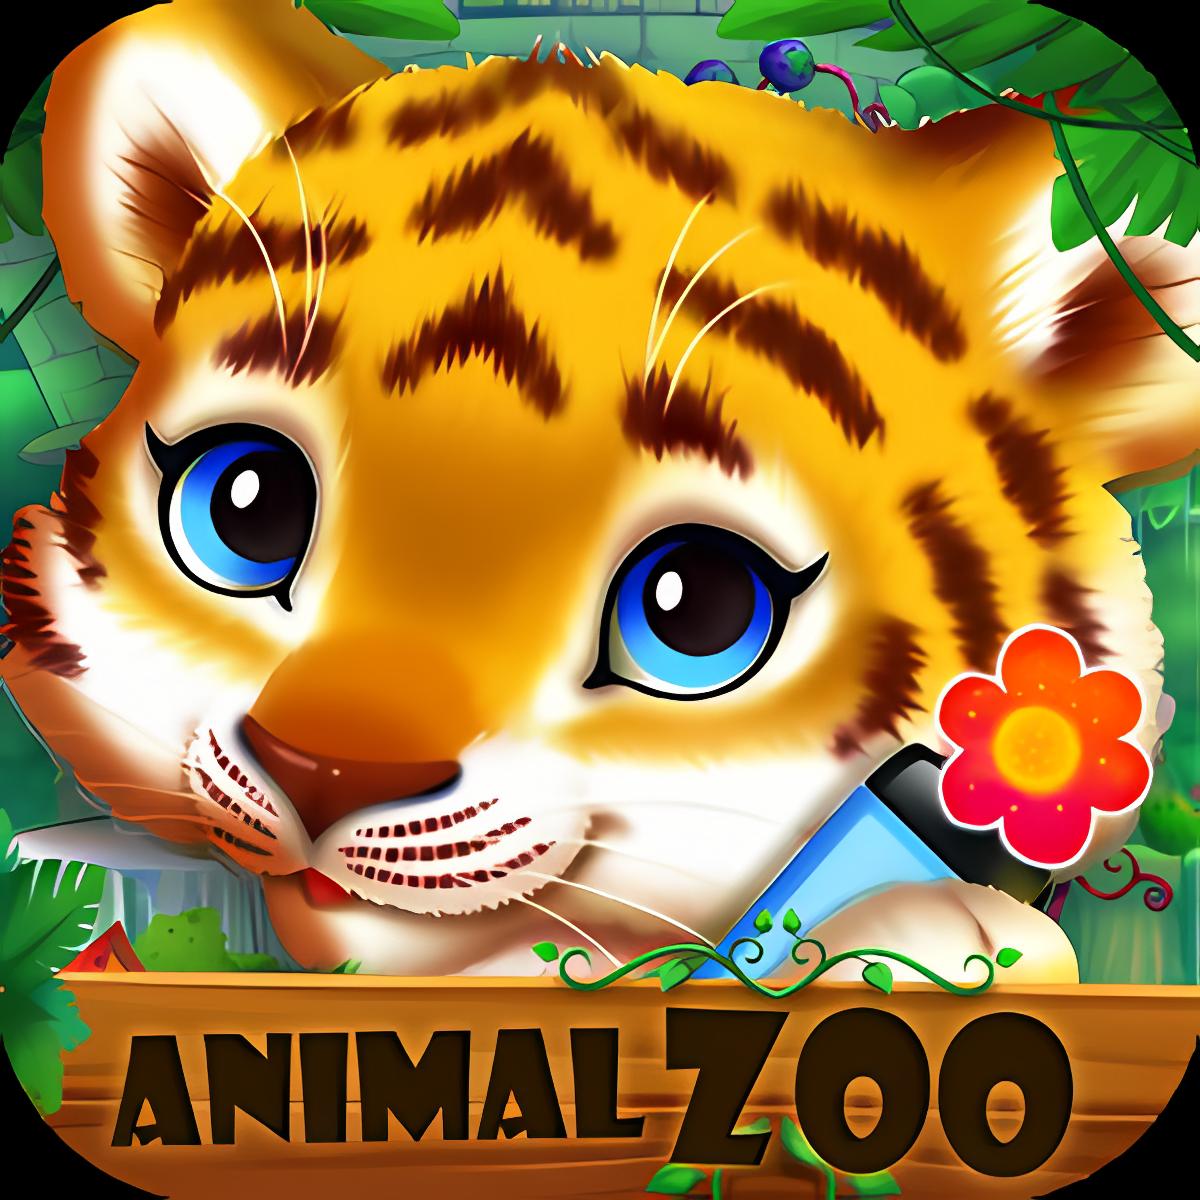 El zoológico de animales - Ju